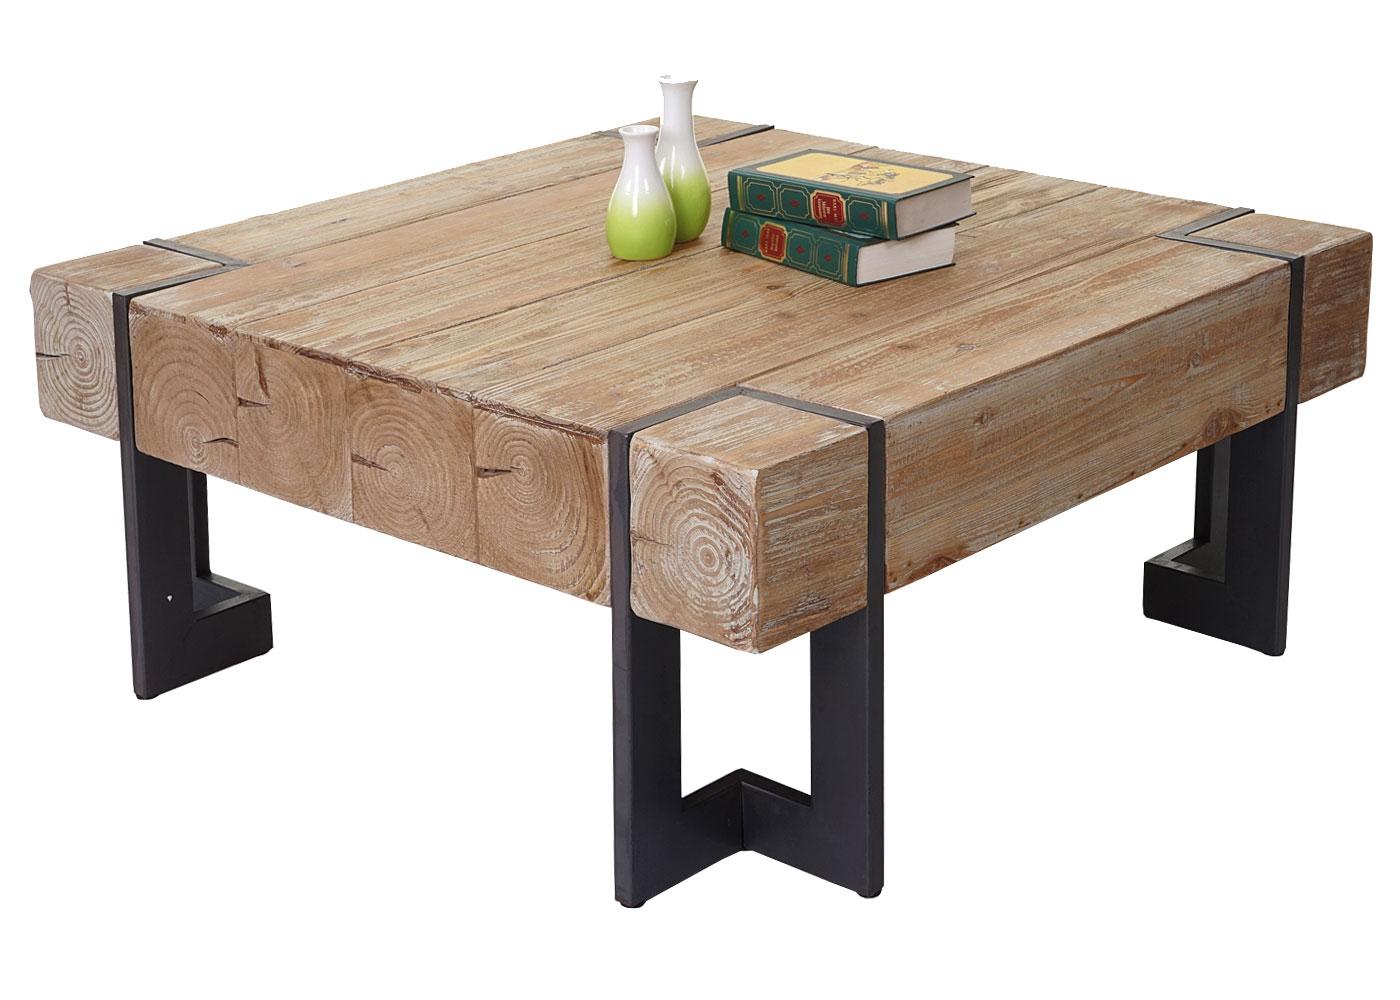 Brilliant Couchtisch Holz Rustikal Referenz Von Hwc-a15, Wohnzimmertisch, Tanne Massiv 56887